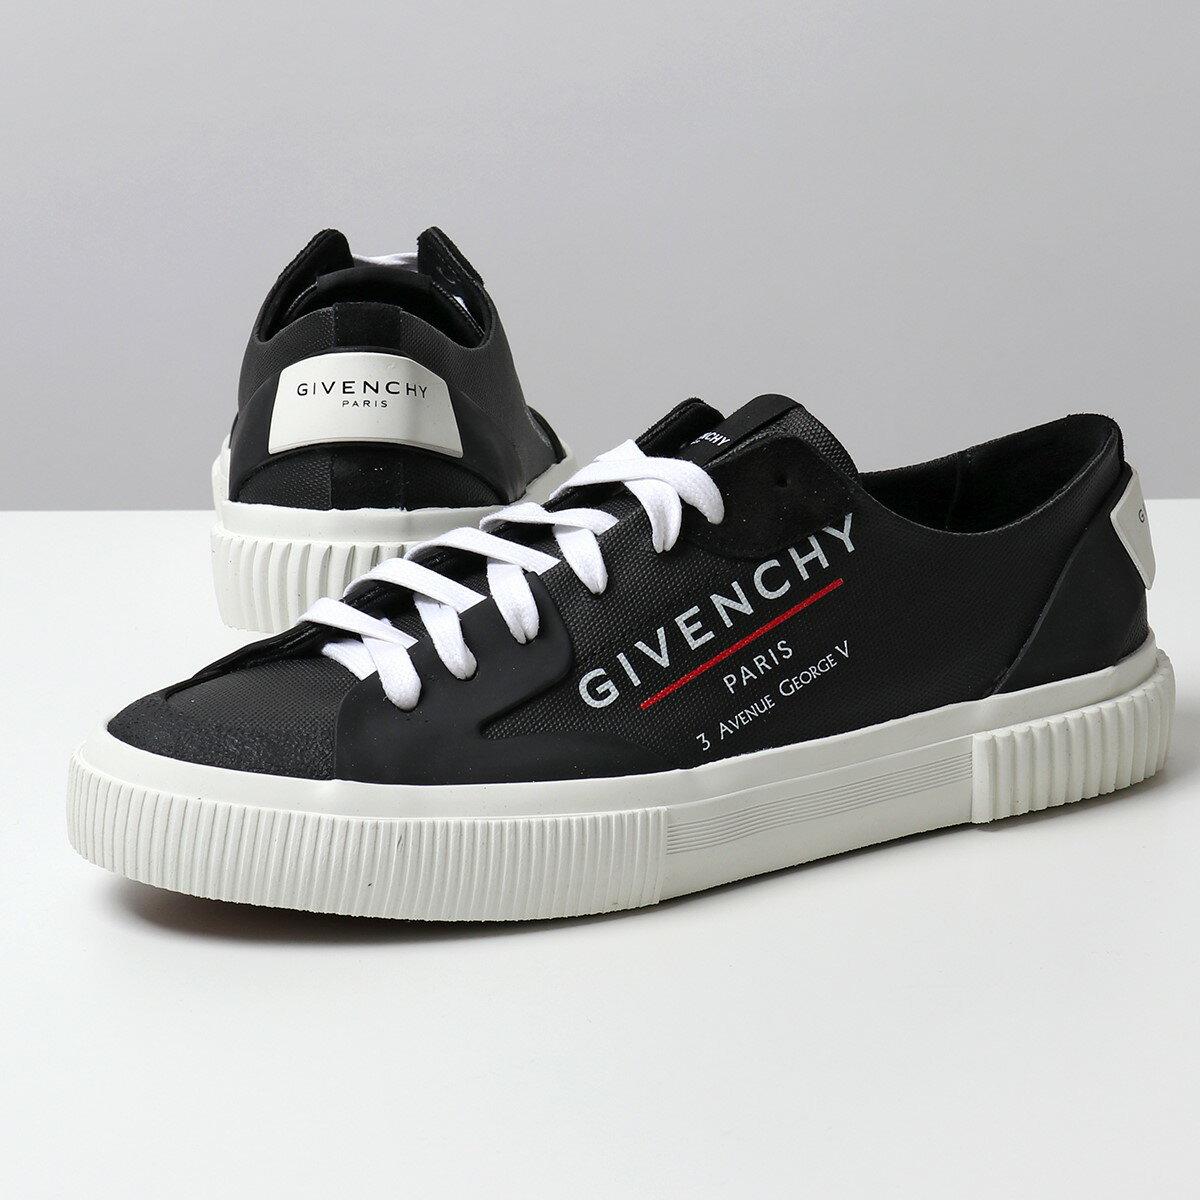 メンズ靴, スニーカー 1,000OFF28GIVENCHY BH001TH0L9 TENNIS LIGHT SNEAKER 001BLACK